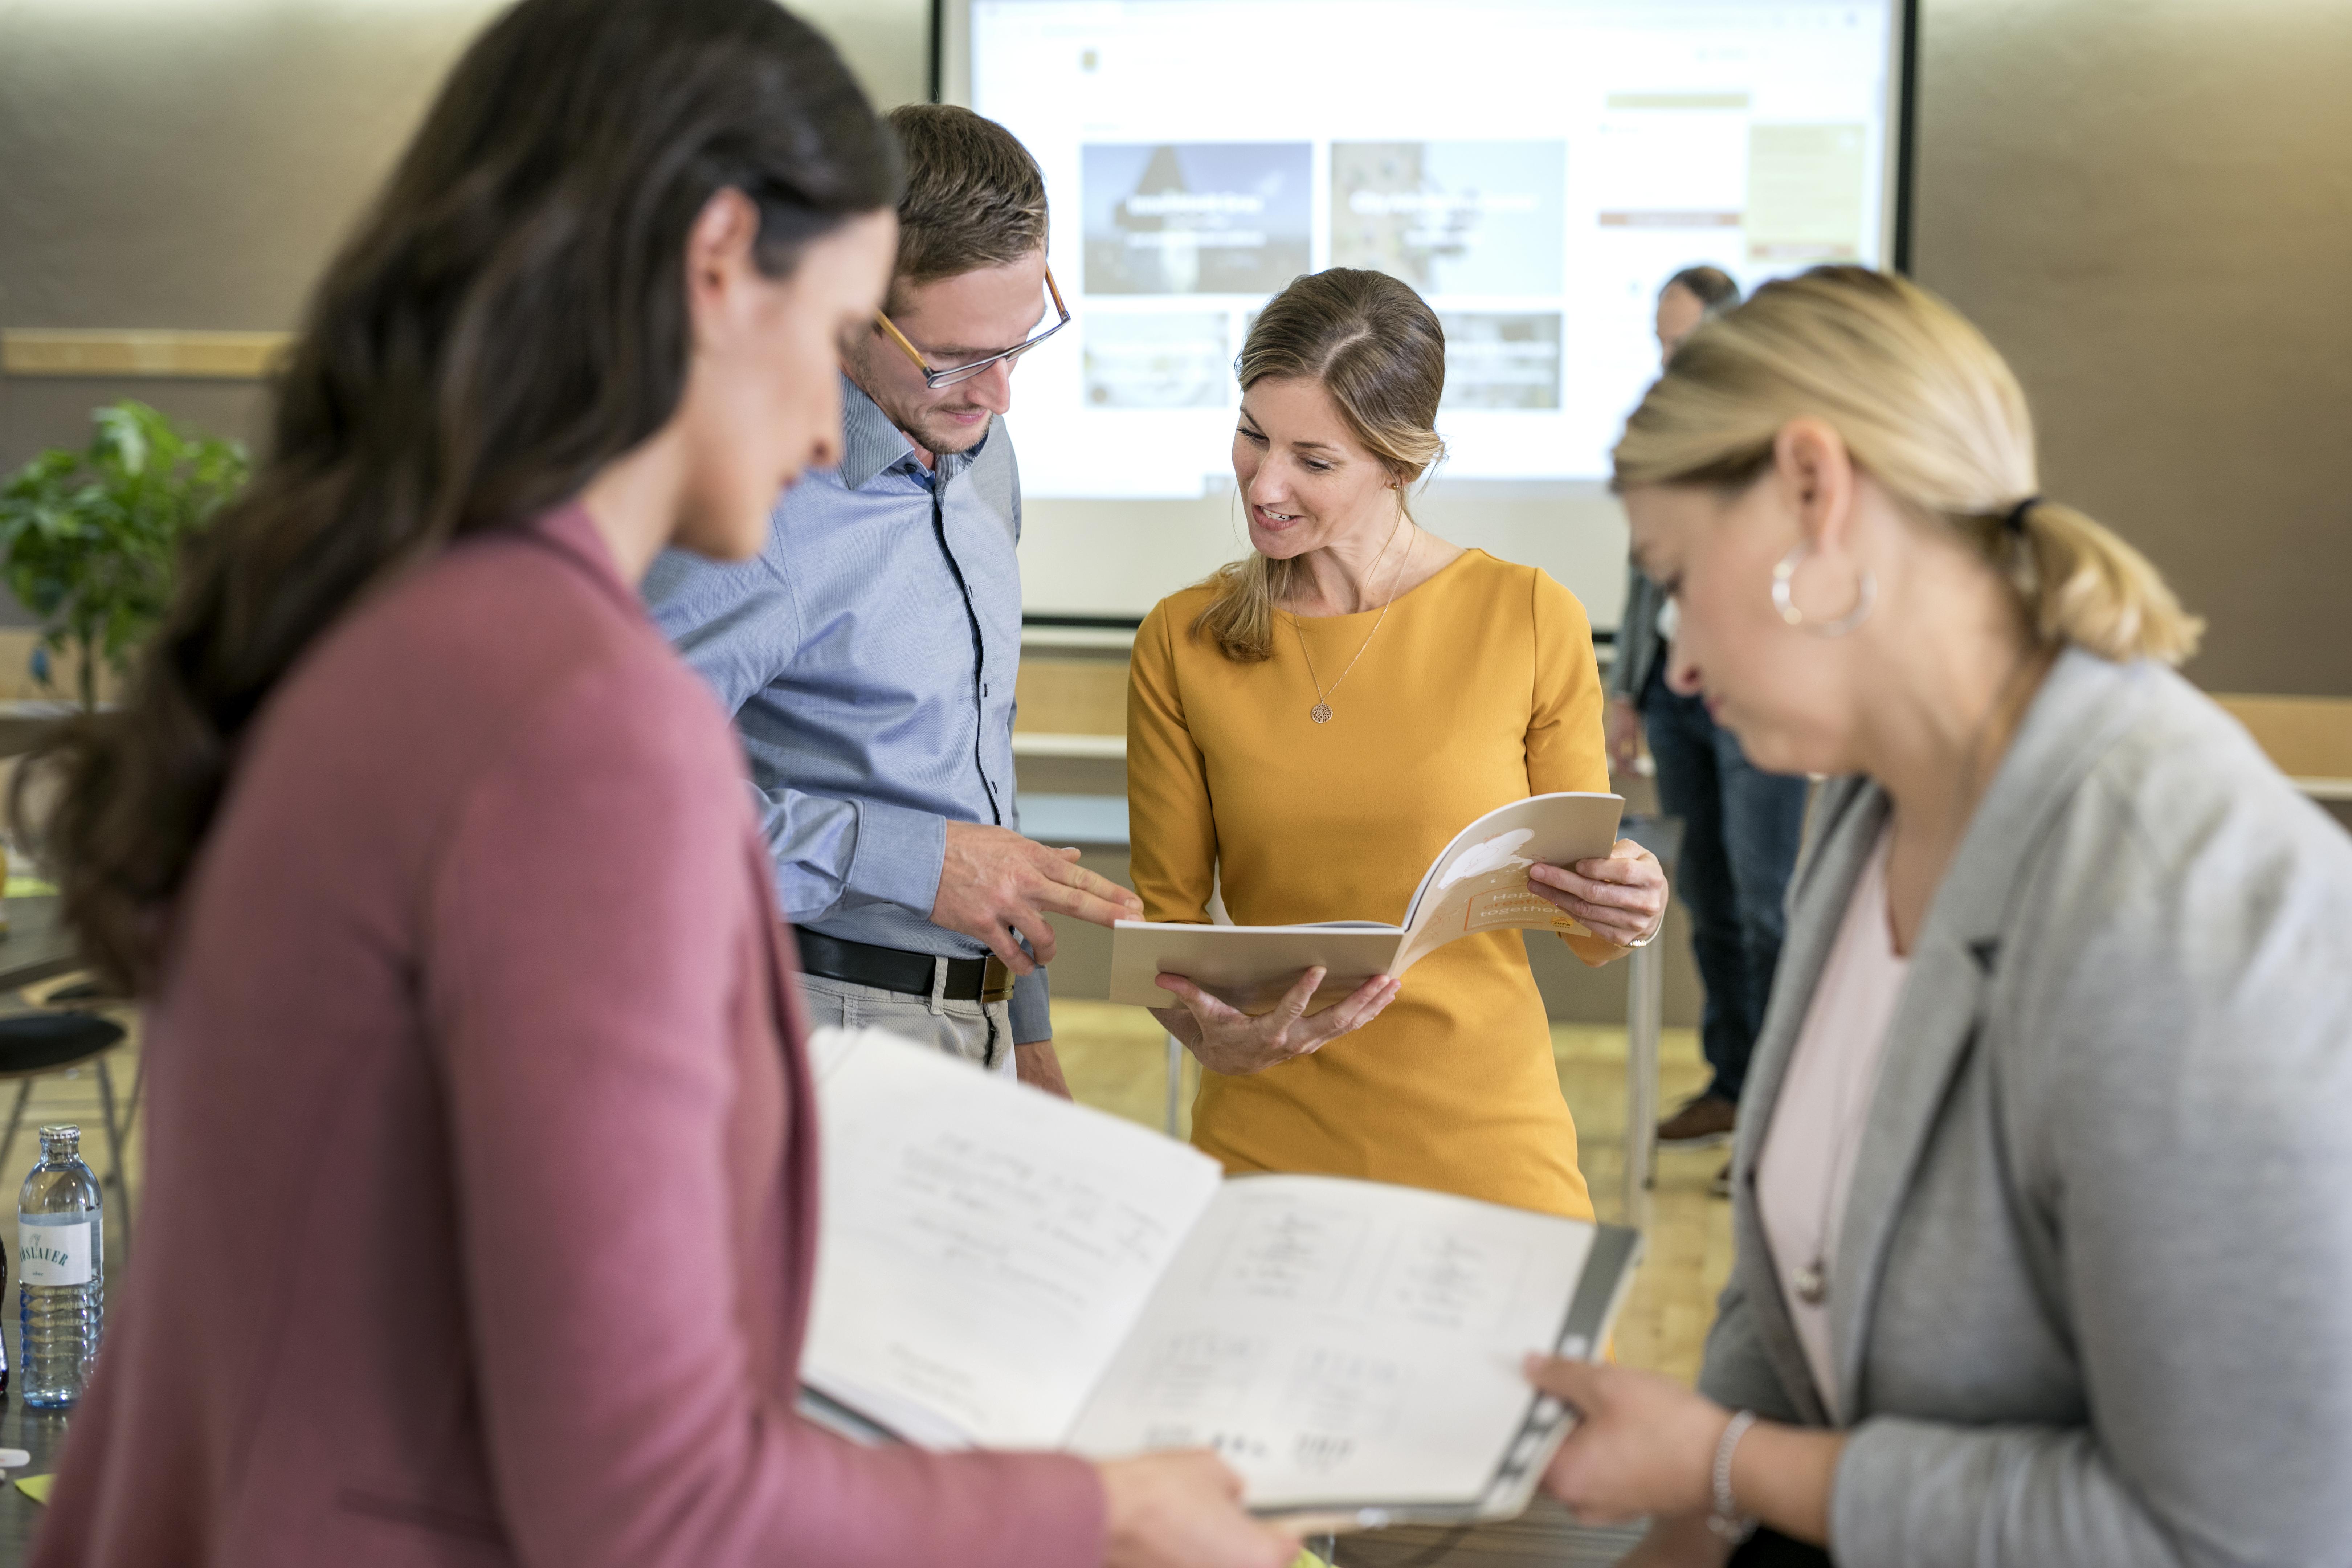 Sie sehen Workshop-Teilnehmer in einem Gespräch im JUFA Hotel Graz City***. Der Ort für erfolgreiche und kreative Seminare in abwechslungsreichen Regionen.